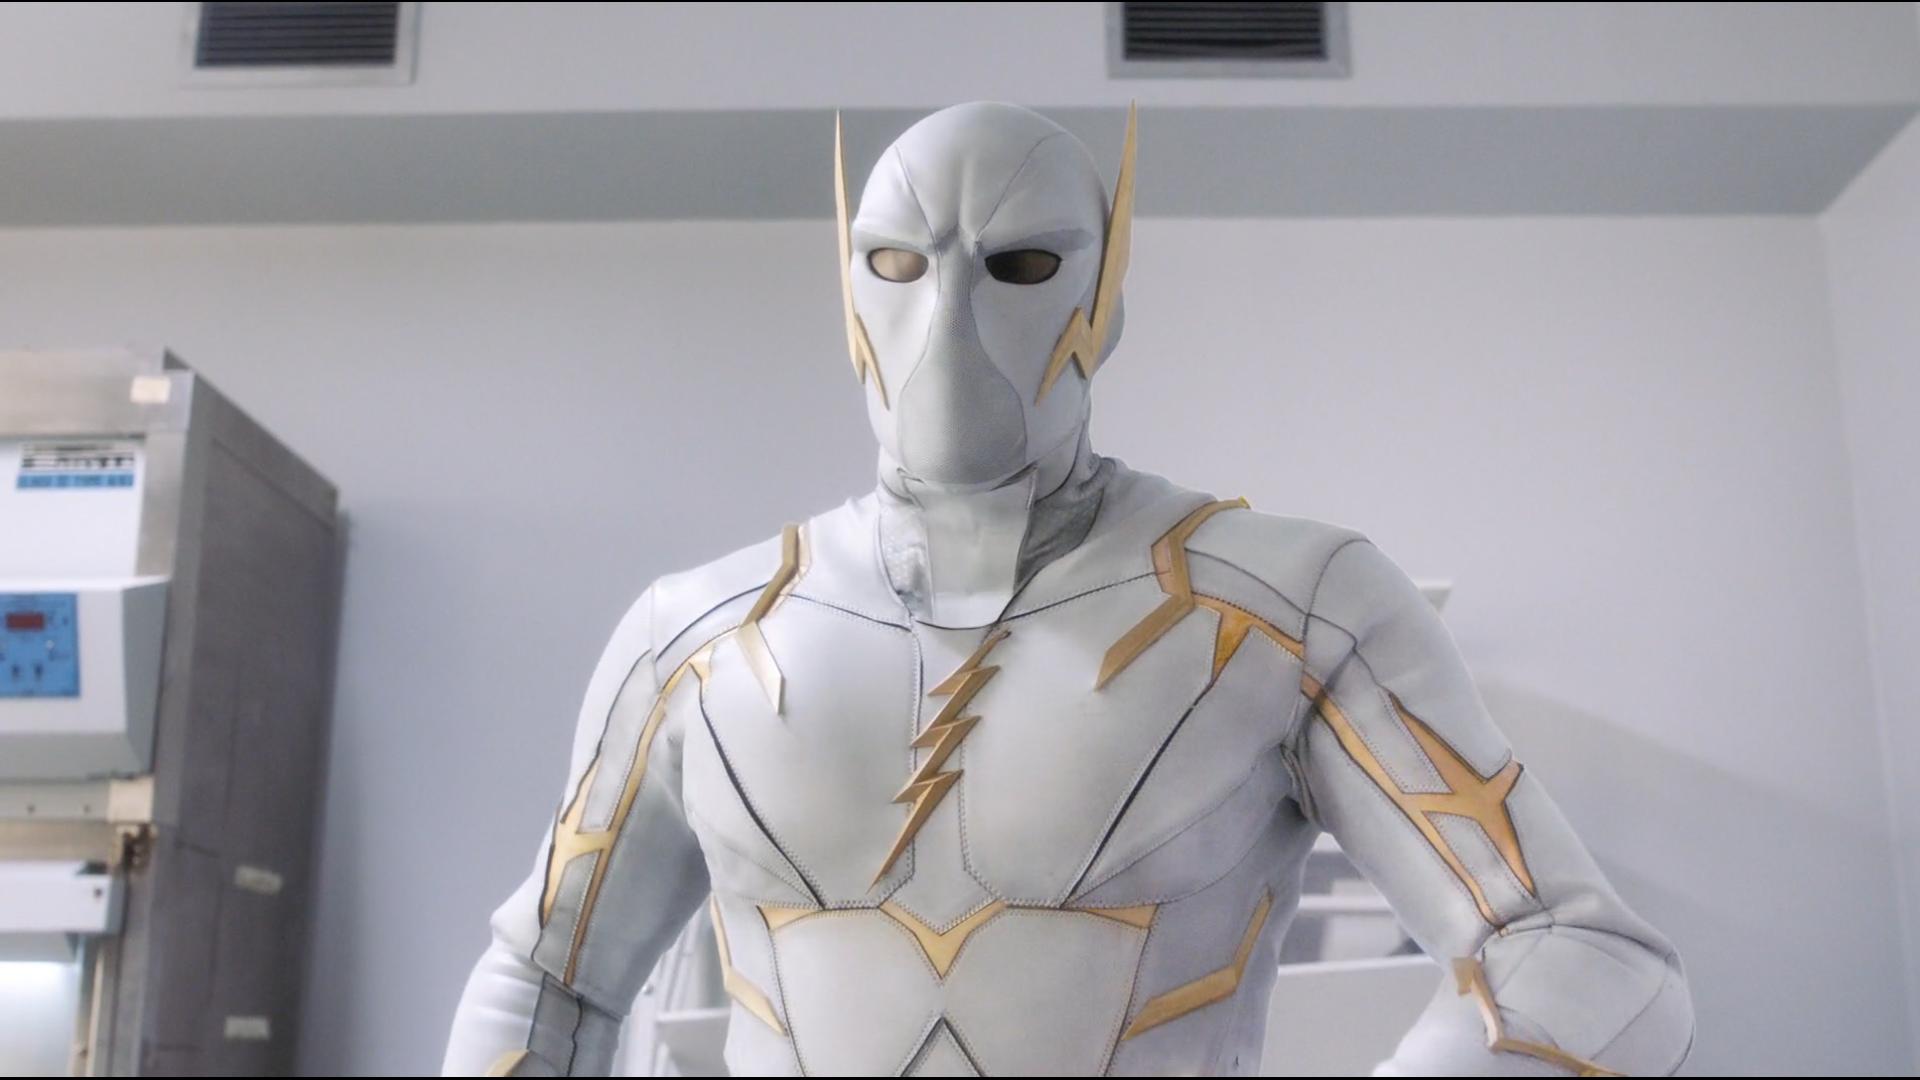 The Flash The Cw Show Confirms Godspeed As Villain For Season 7